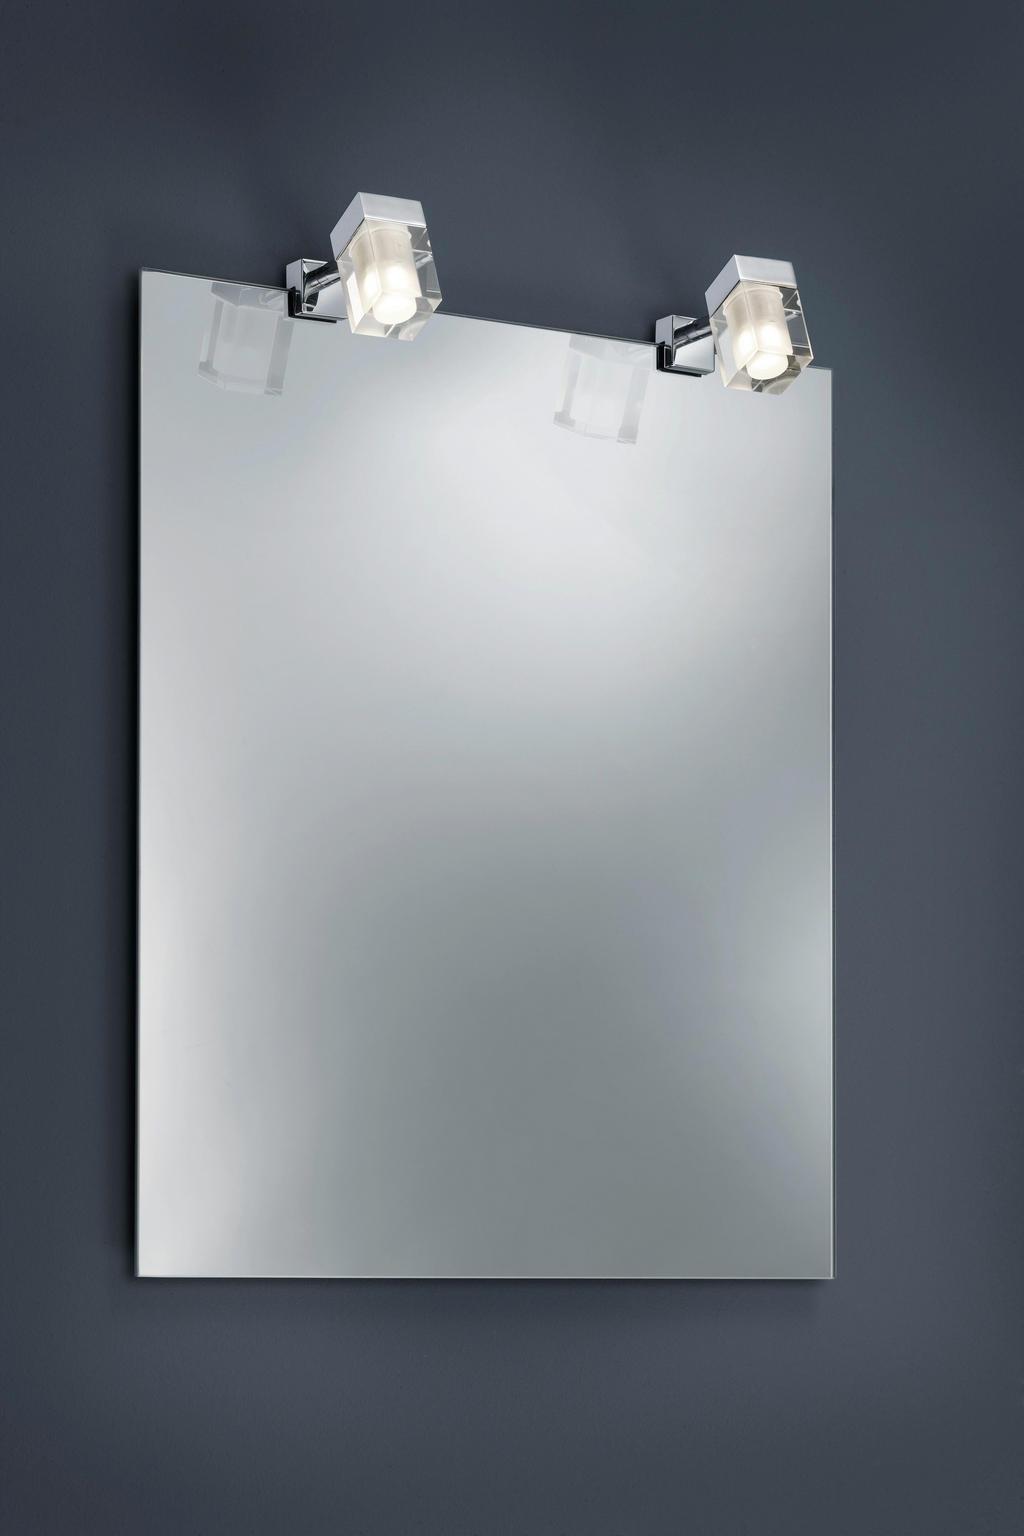 XXXL LED-STRAHLER, Silber, Weiß